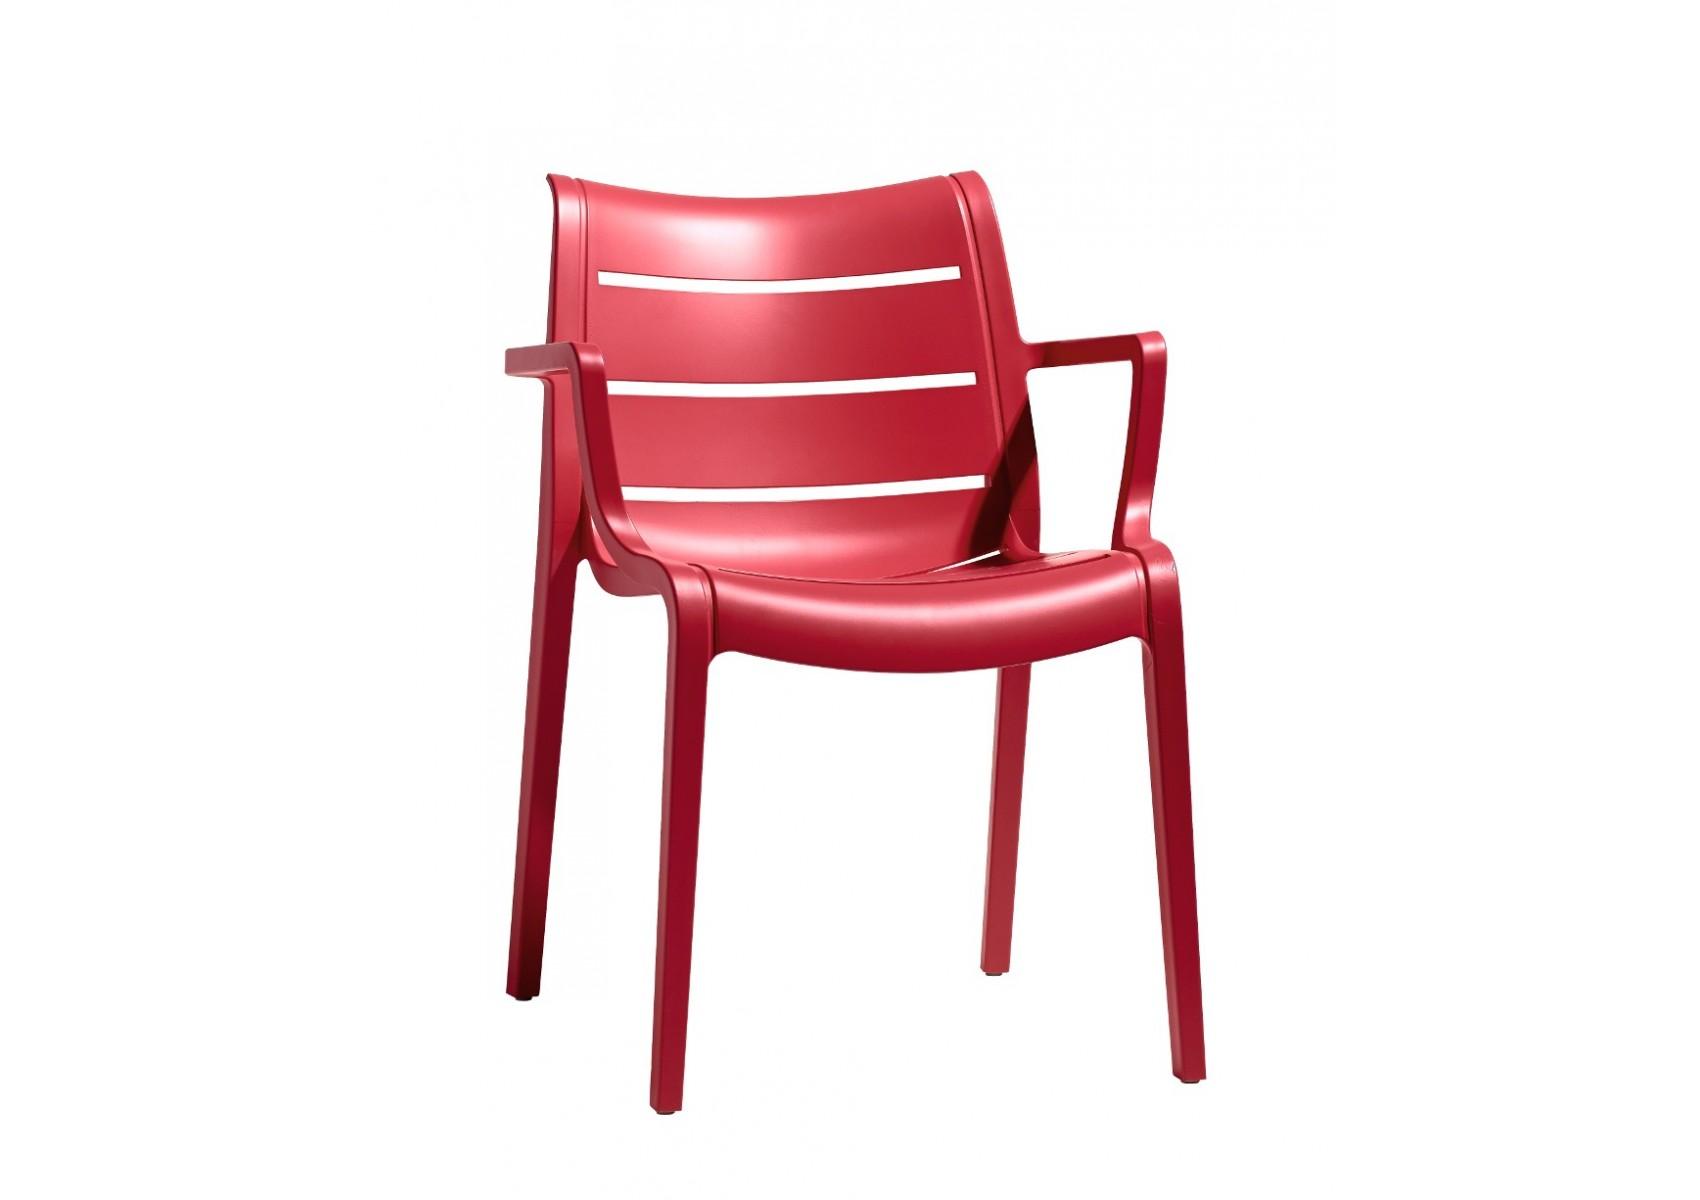 4 chaises design de jardin sunset lot de 4 deco for Lot de 4 chaises design